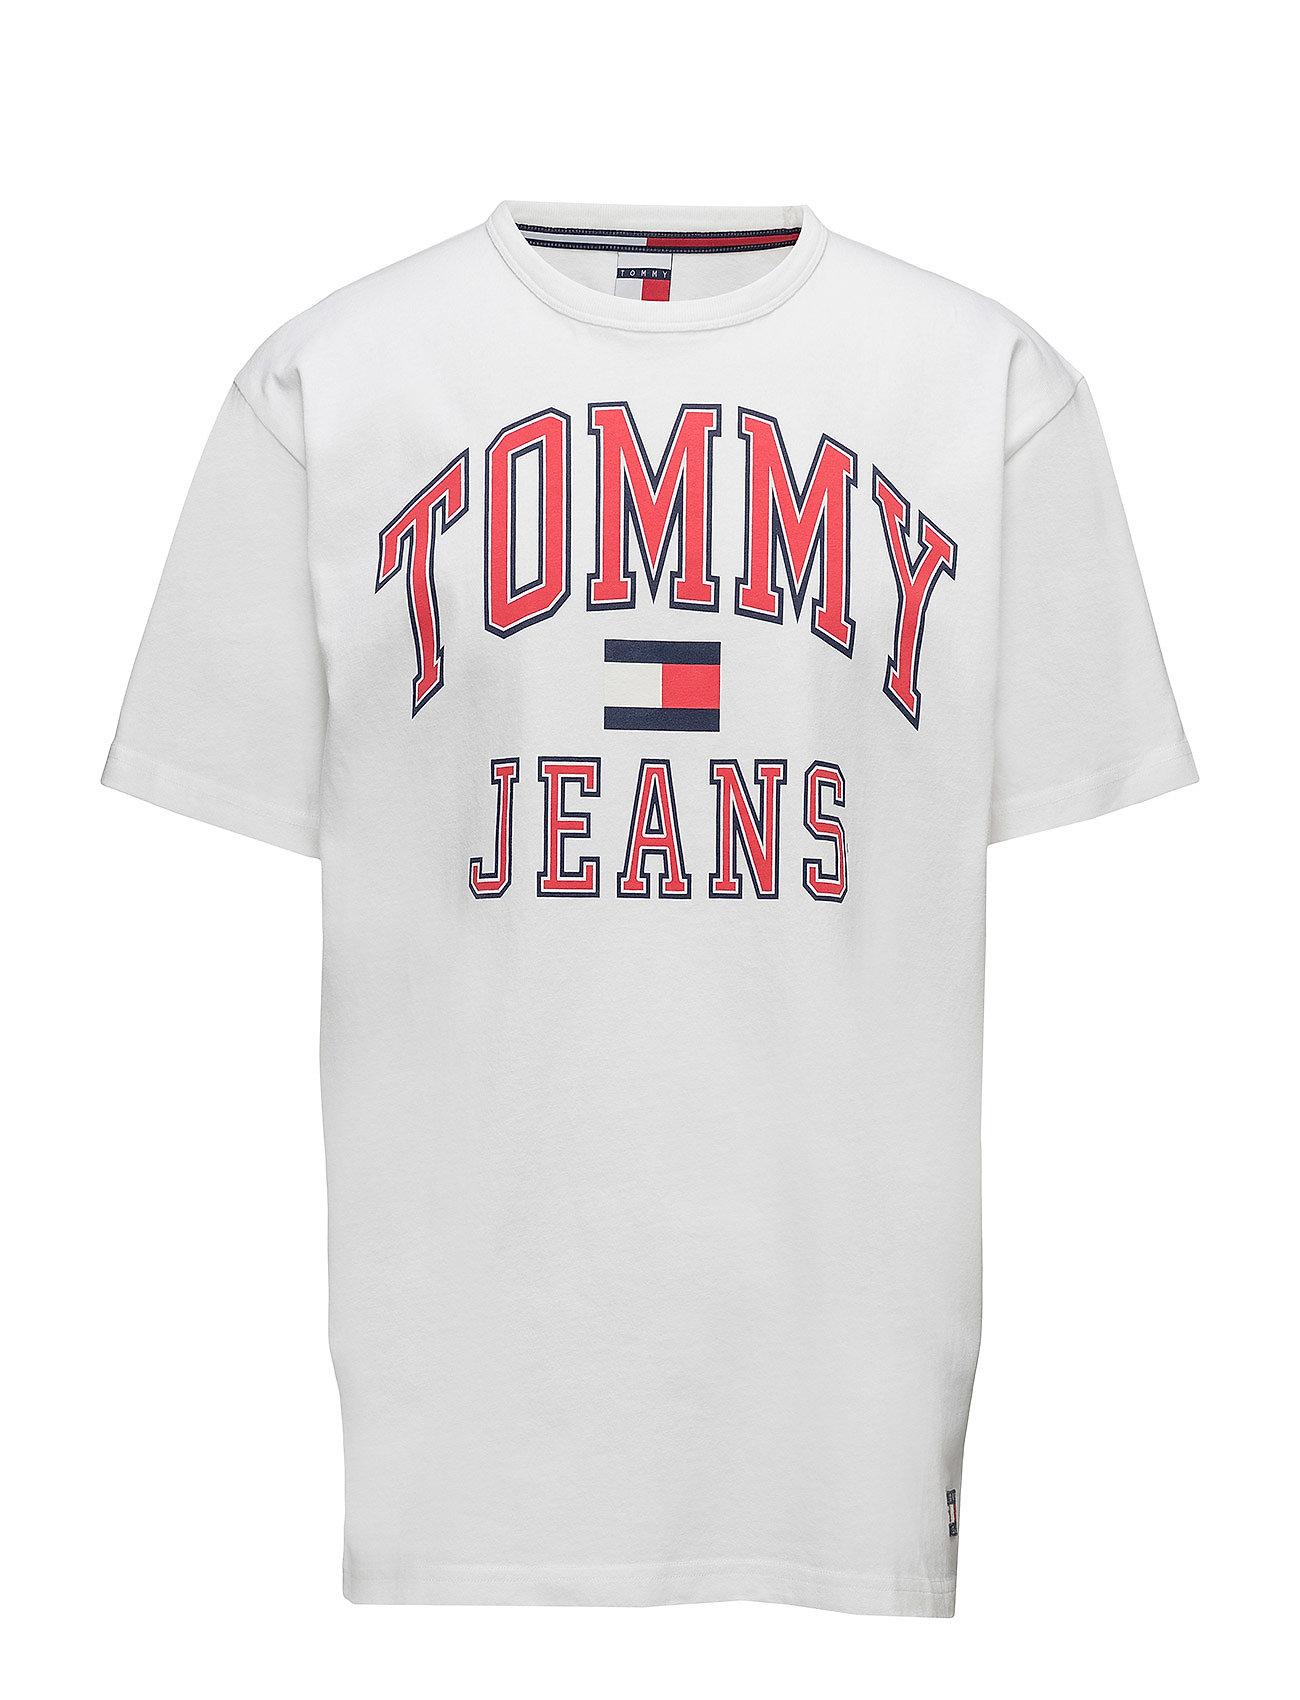 Tommy Jeans TJM 90s CN T-SHIRT S/S M24